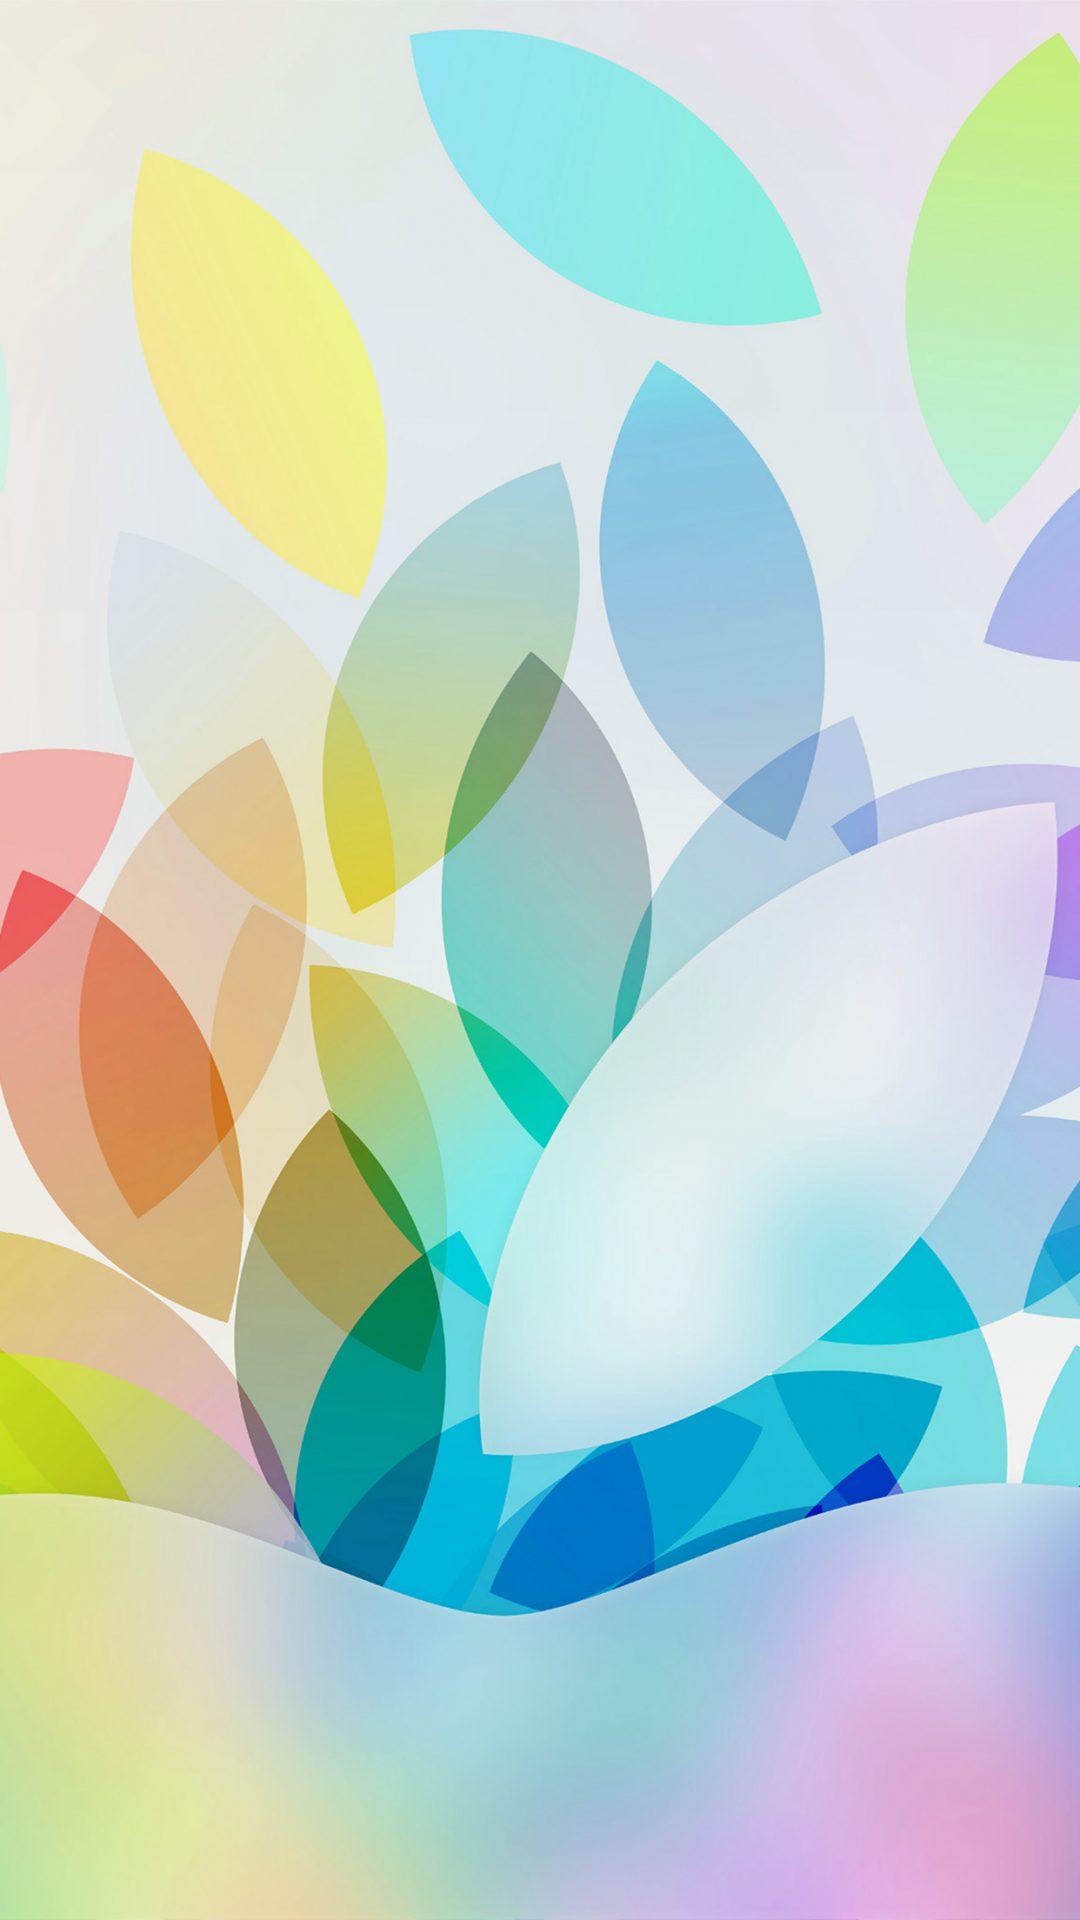 Apple Color Logo Illustration Art